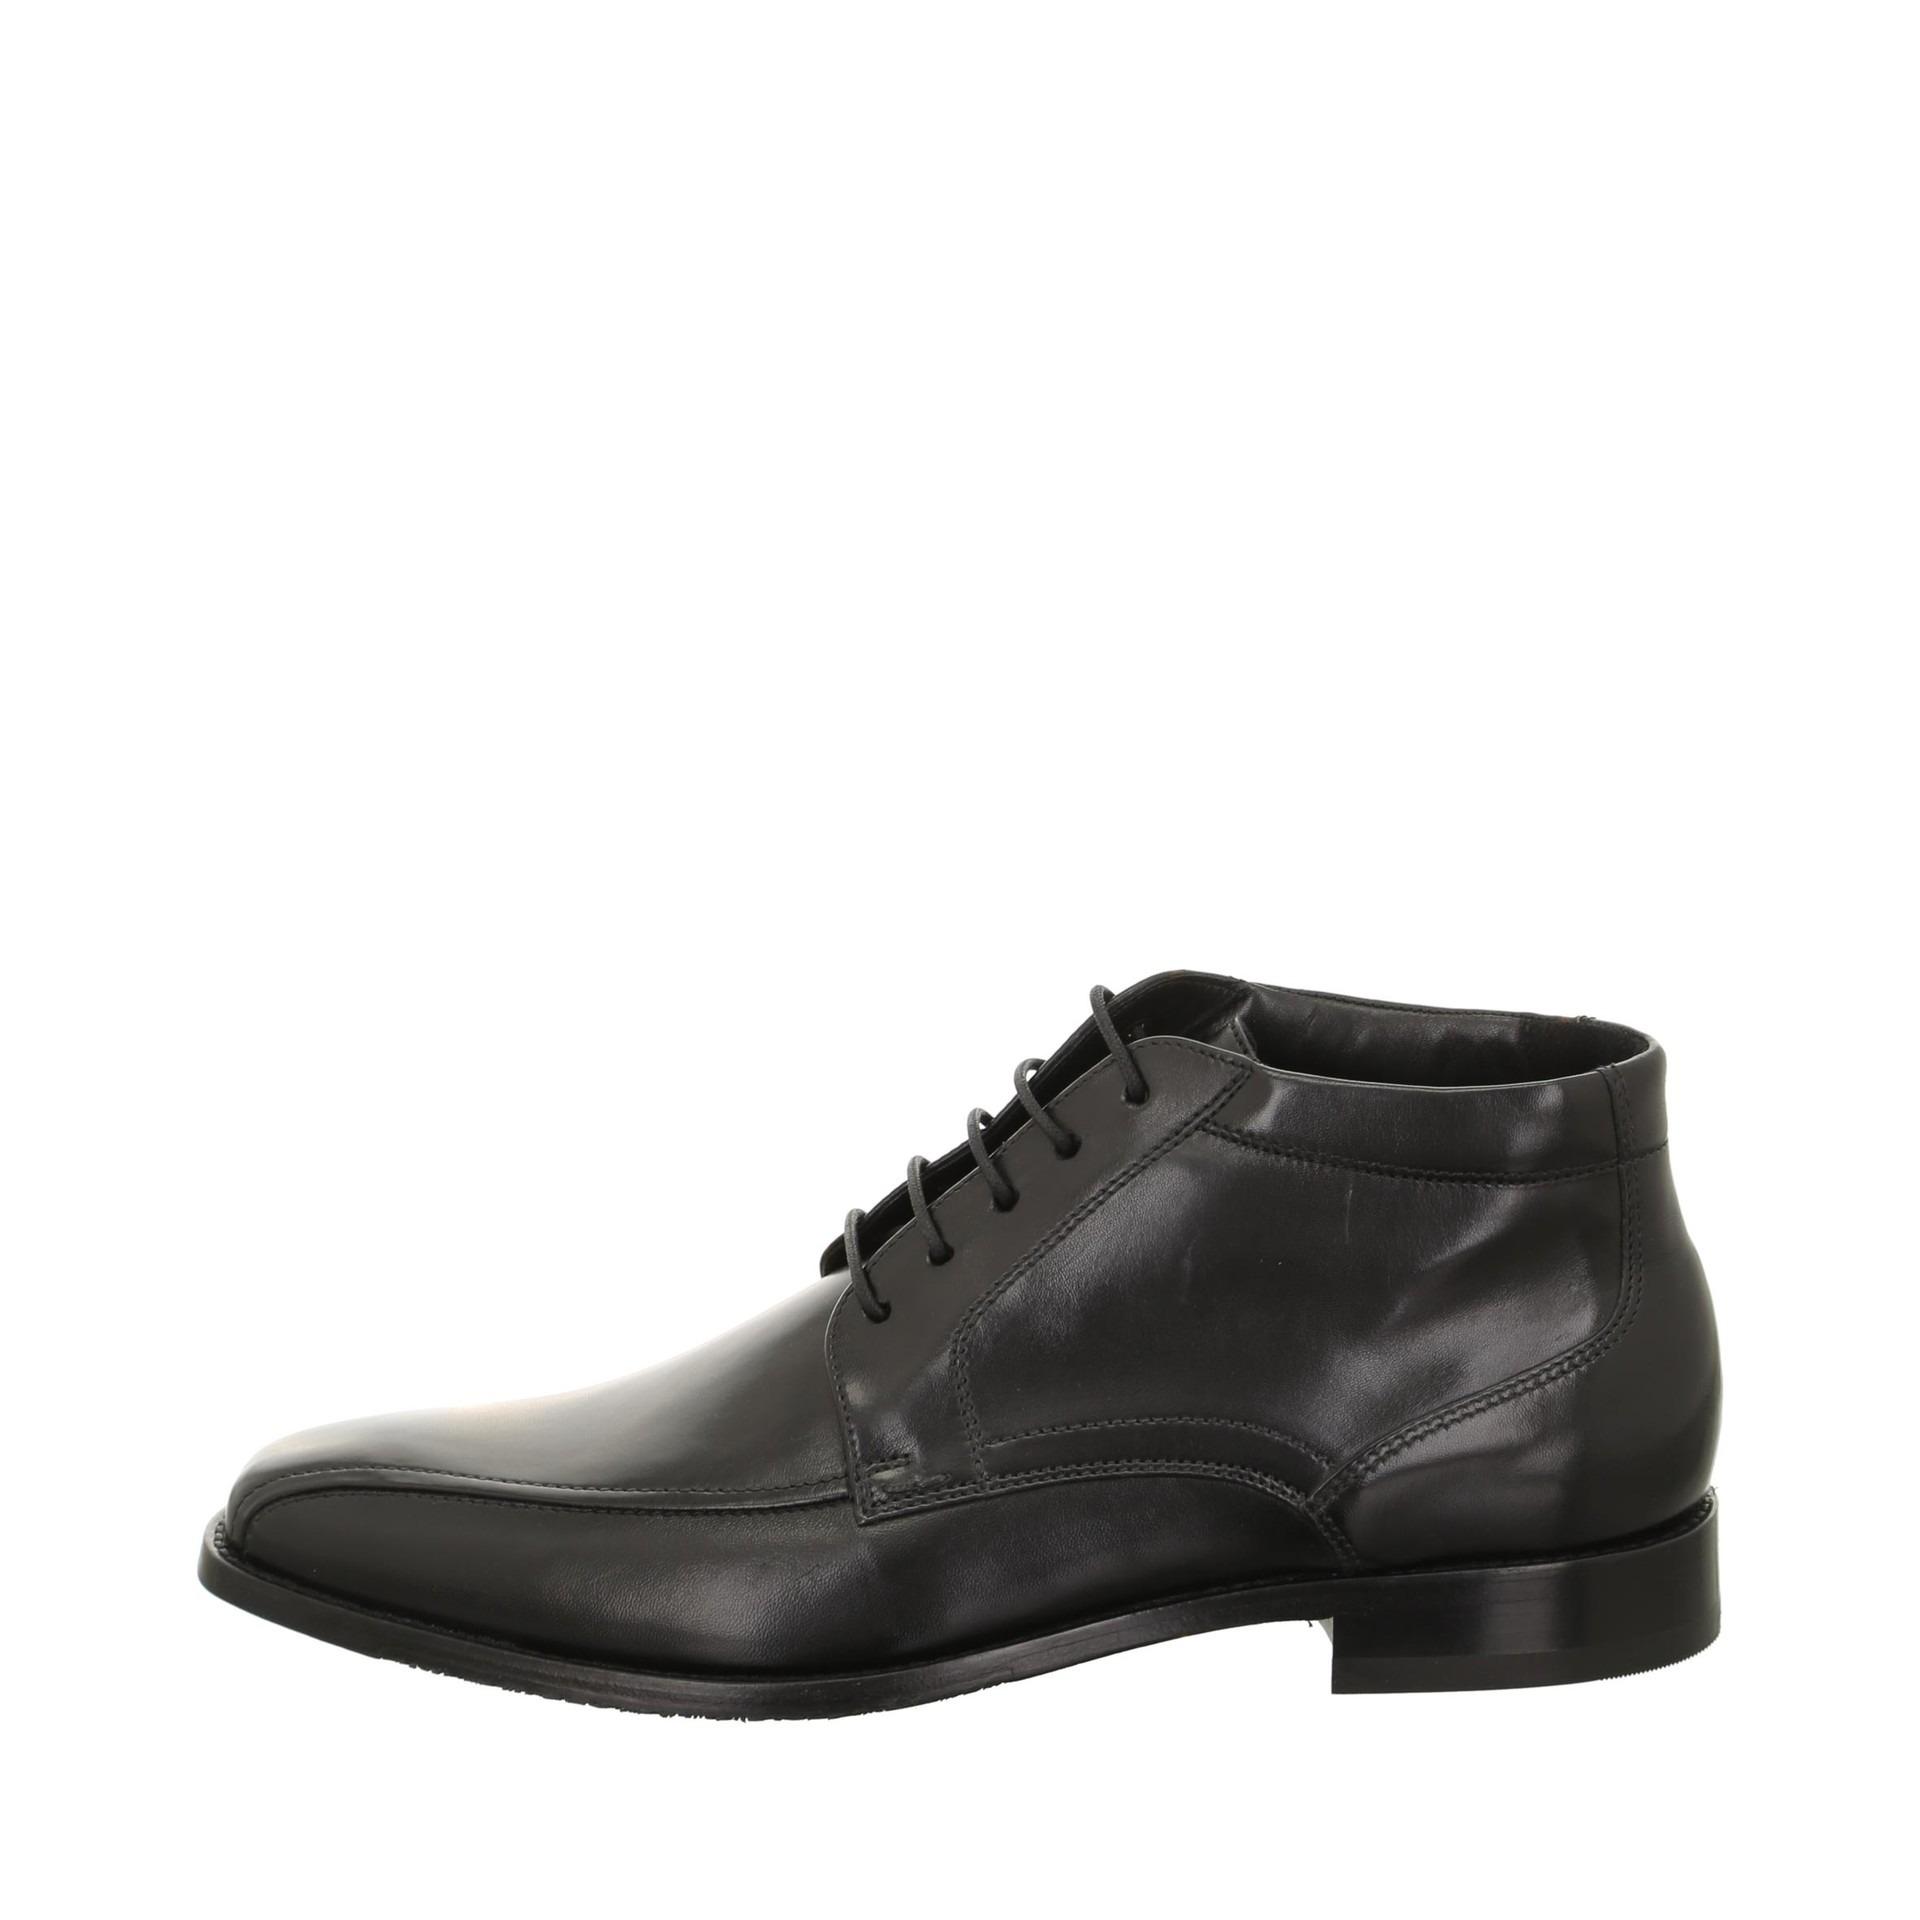 Soňa - Pánska obuv - Zimná - Čierne šnurovacie topánky Salamander e63301f28d4